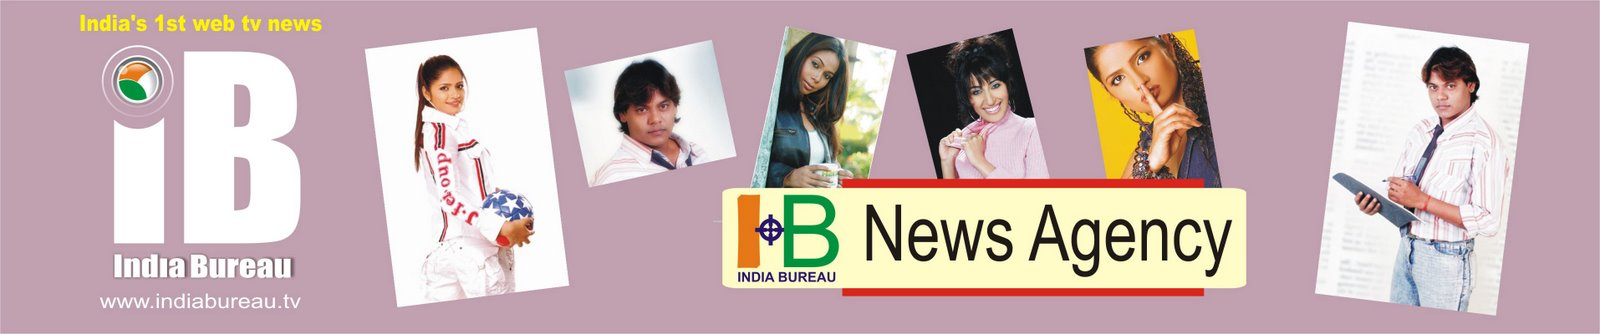 India Bureau News Agency